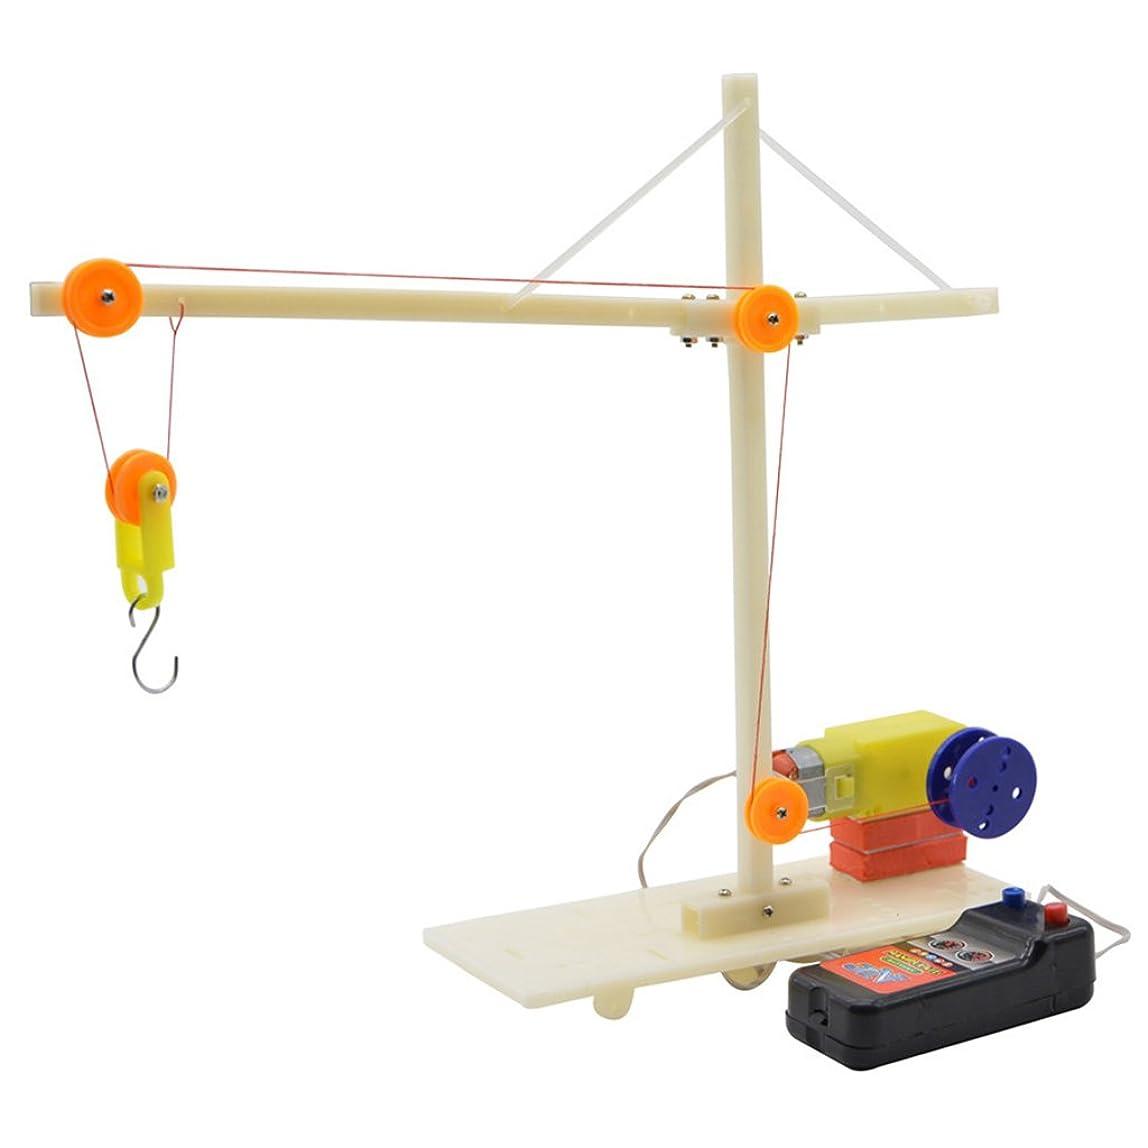 バック繁殖粘り強いPerfeclan クレーン車 電気機械モデル 物理教育 おもちゃ 知育 教育玩具 DIY実験おもちゃ 機械興味